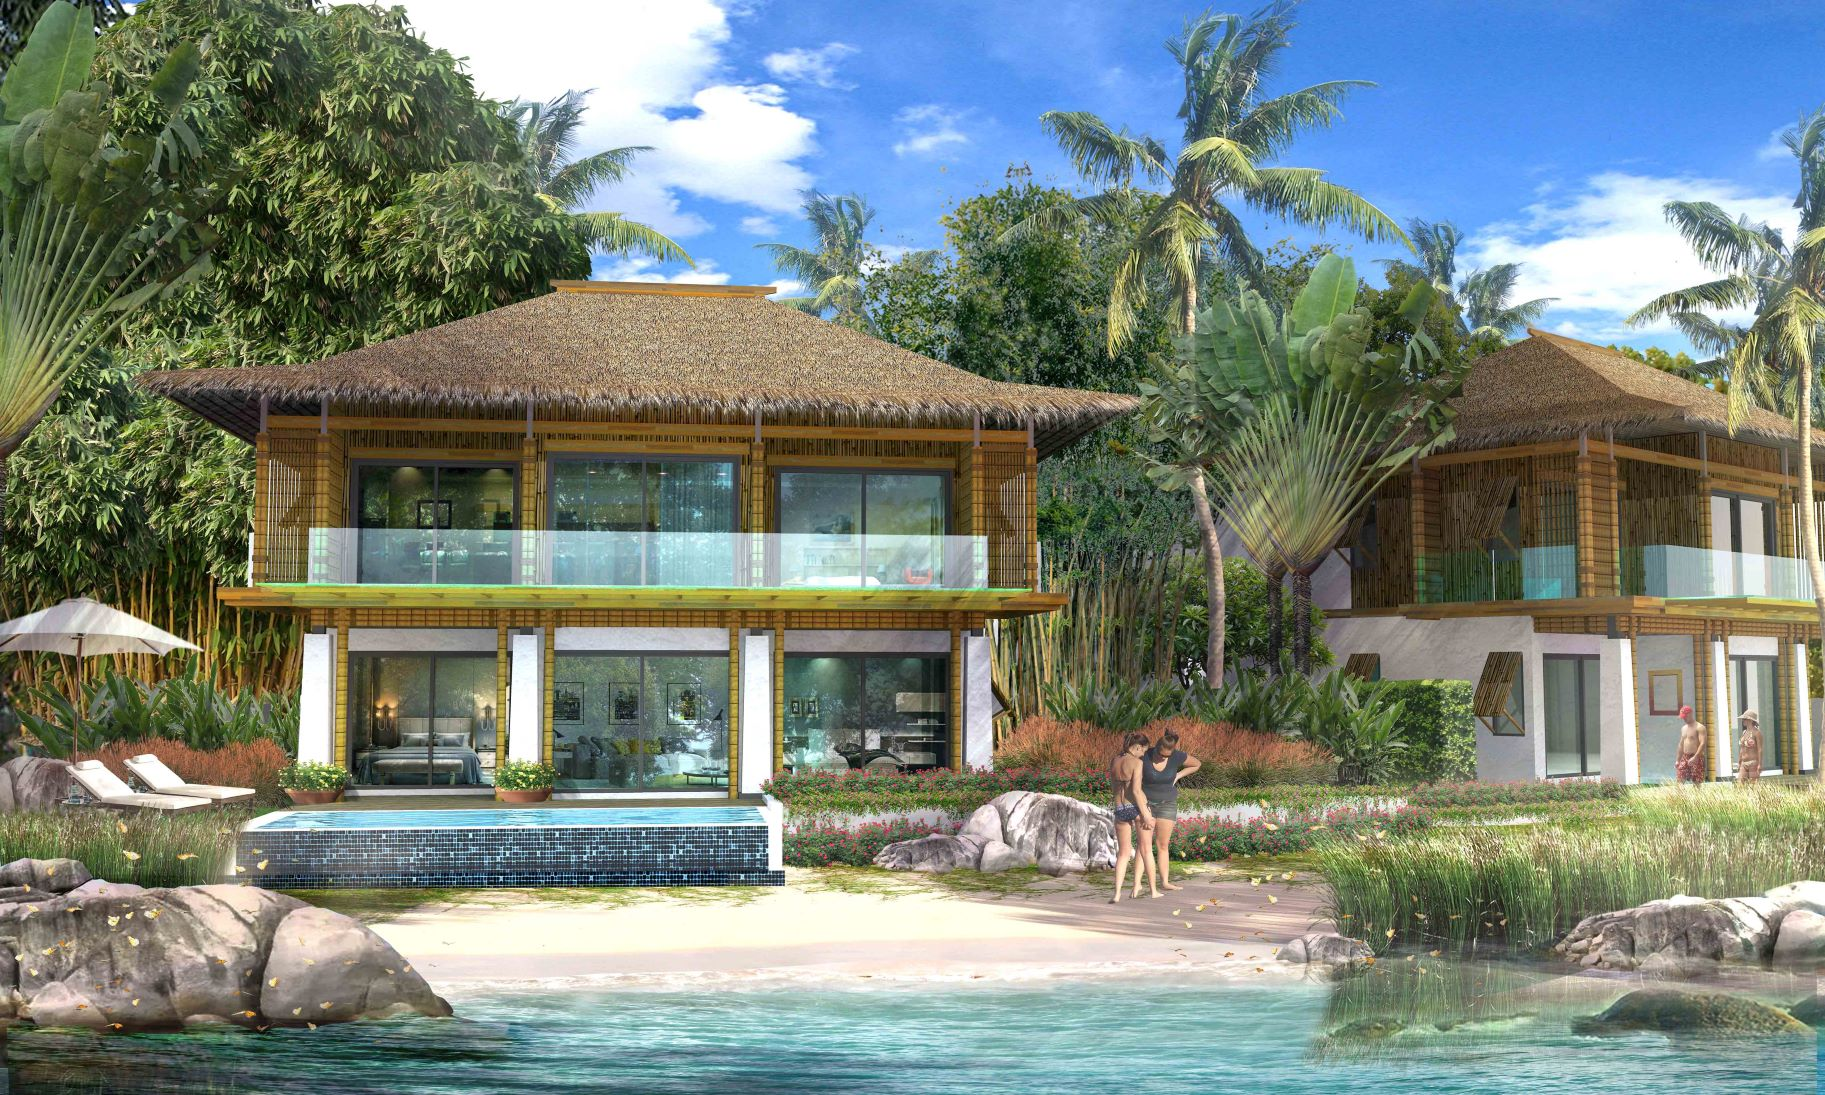 """เอเพ็กซ์ ดีเวลลอปเม้นท์ โชว์ยอดพรีเซล 60% ขาย """"Club Med กระบี่"""" เจาะกลุ่มตลาดนักท่องเที่ยวและนักลงทุน โครงการ Club Med Krabi Resort & The Residences แห่งแรกในเอเซีย 13 -"""